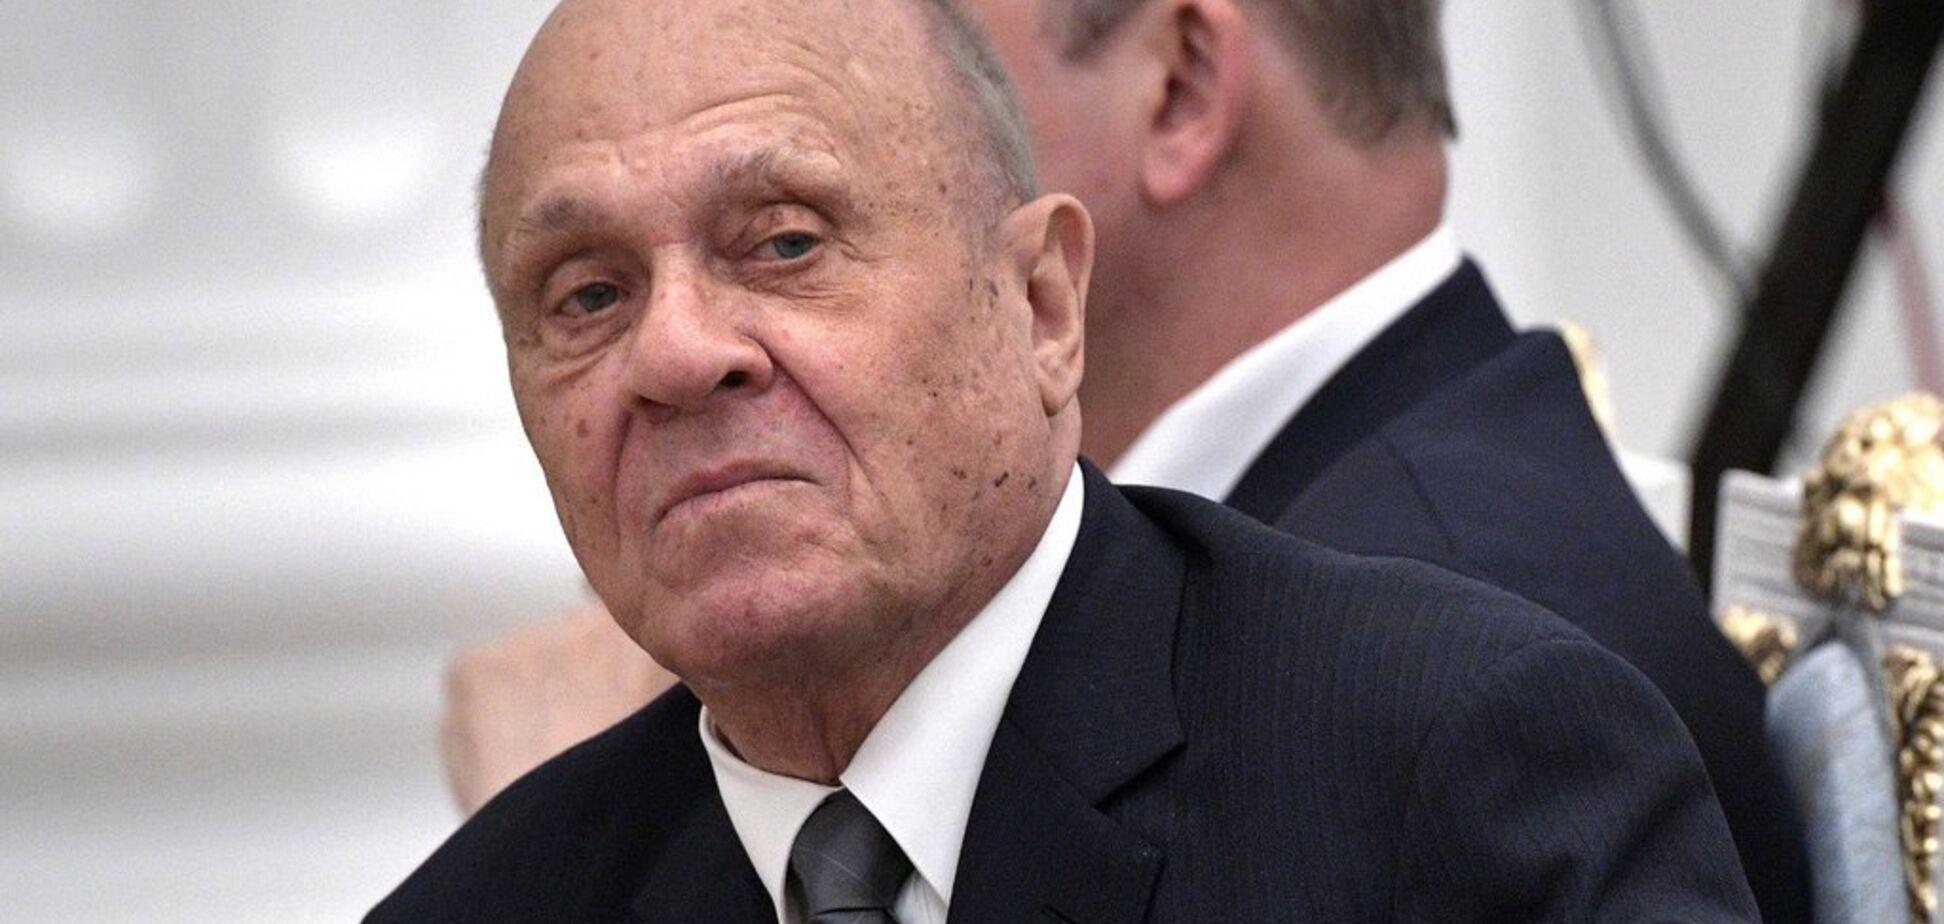 Сердце не выдержало: в Москве сообщили о госпитализации оскароносного режиссера